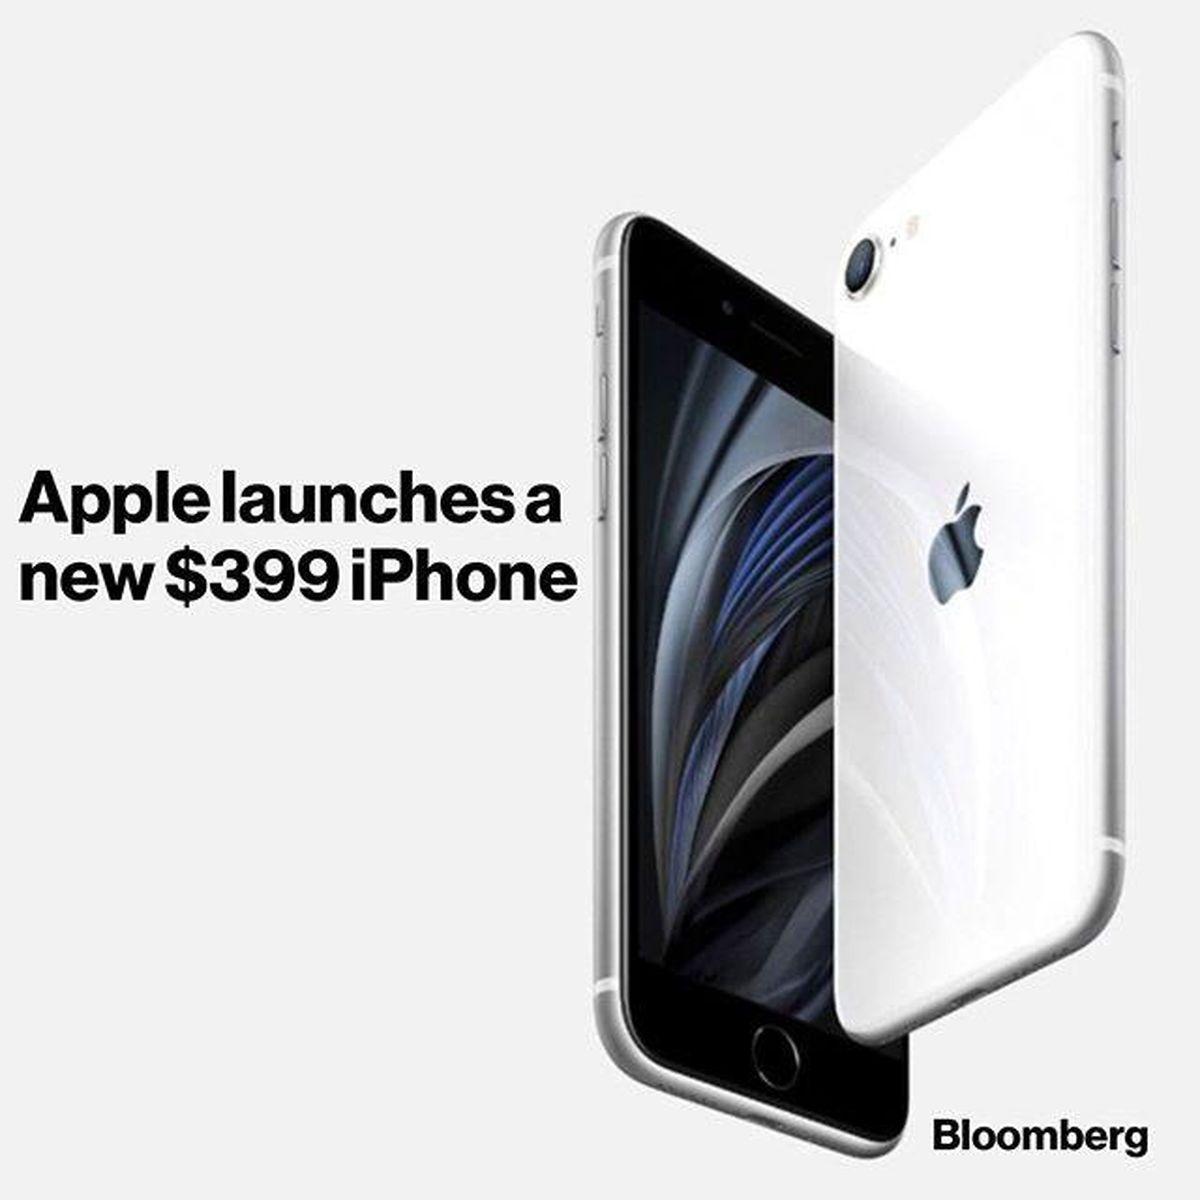 رونمایی از گوشی جدید و ارزان اپل + عکس